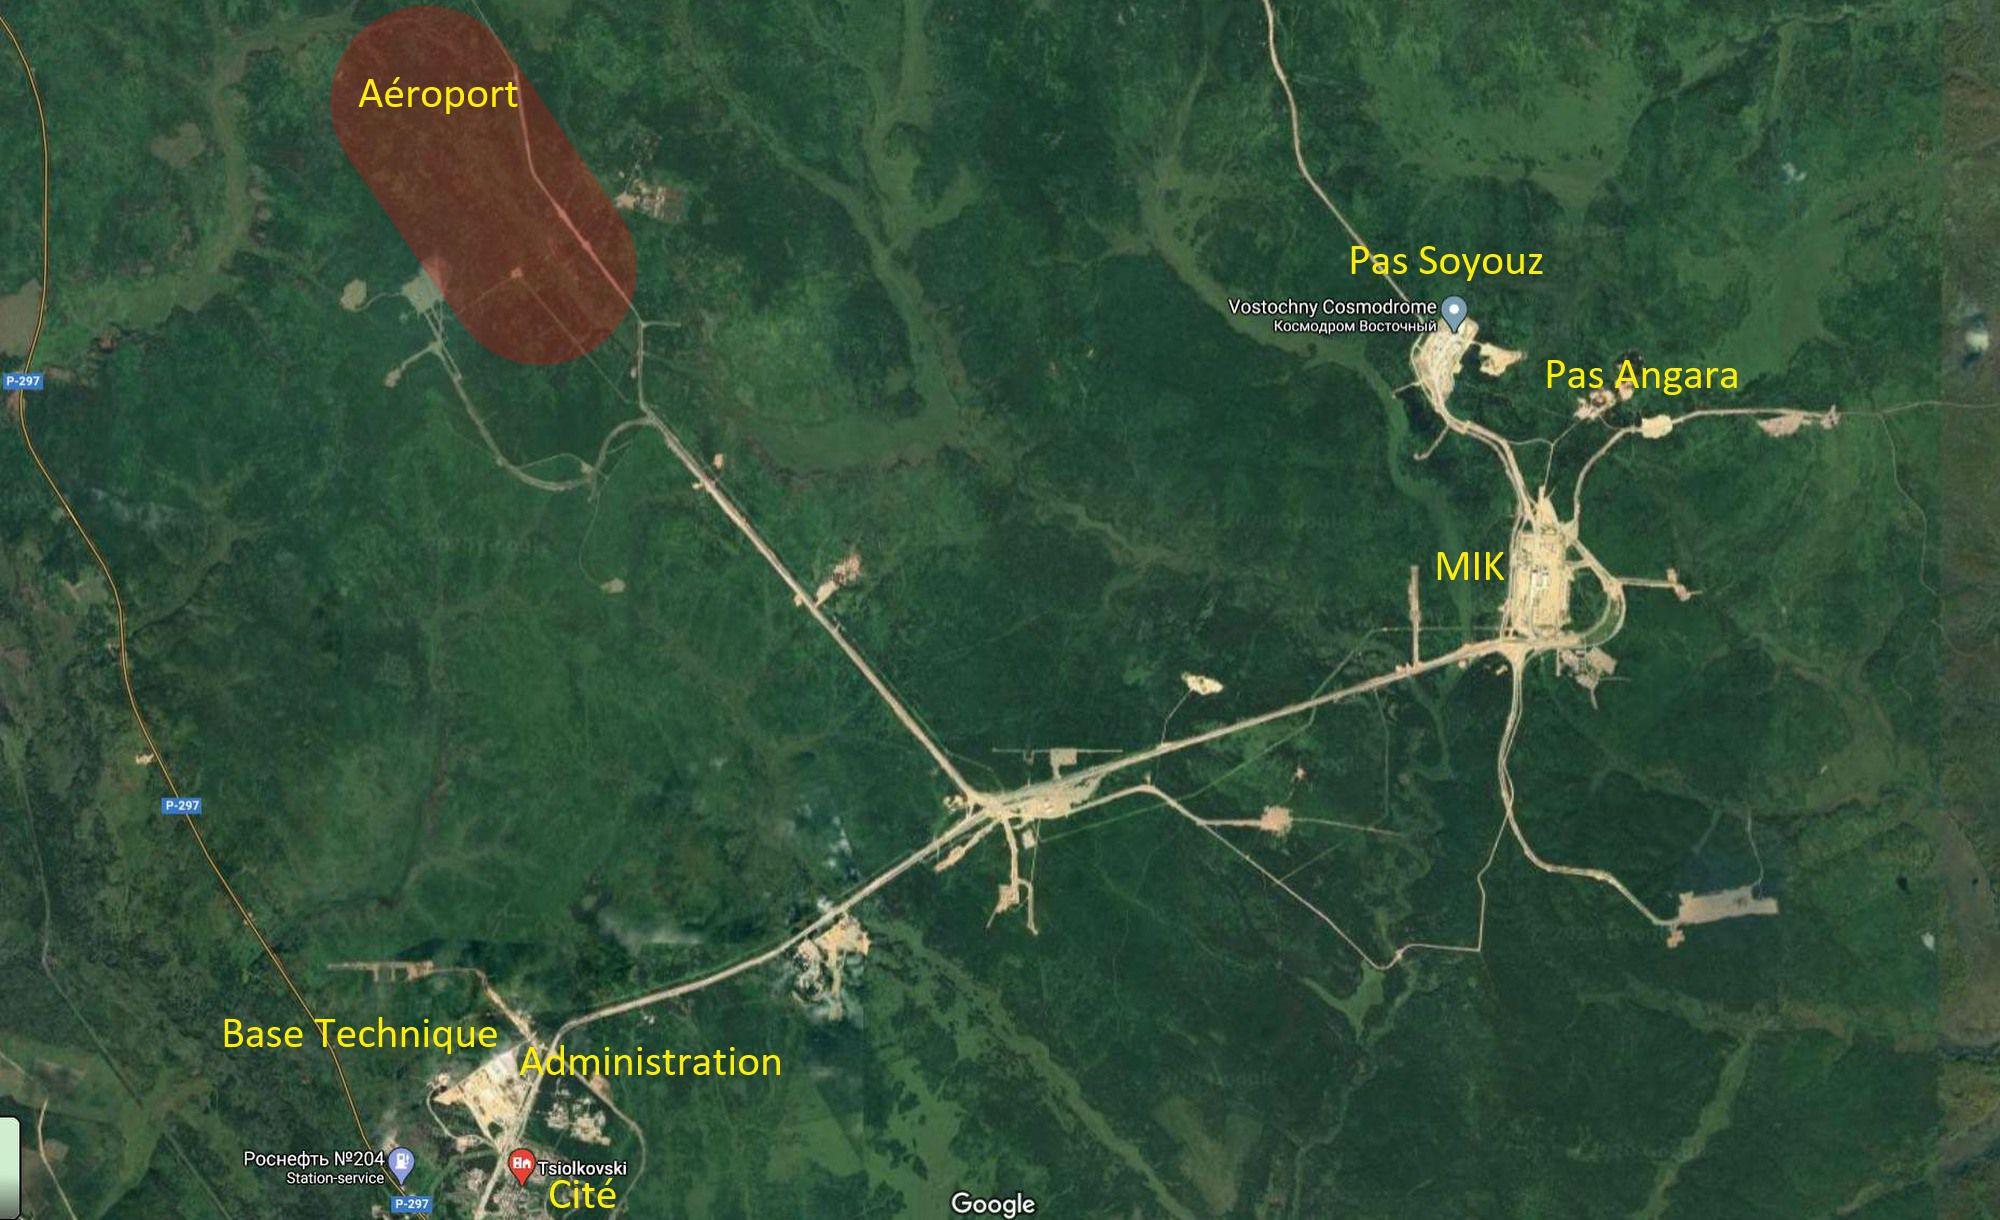 La localisation de l'aéroport au cosmodrome Vostochny.